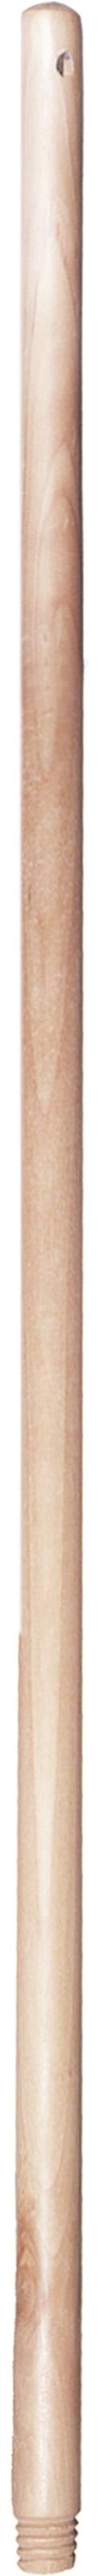 02297 - Besenstiel 130cm, Holz mit Holzgewinde